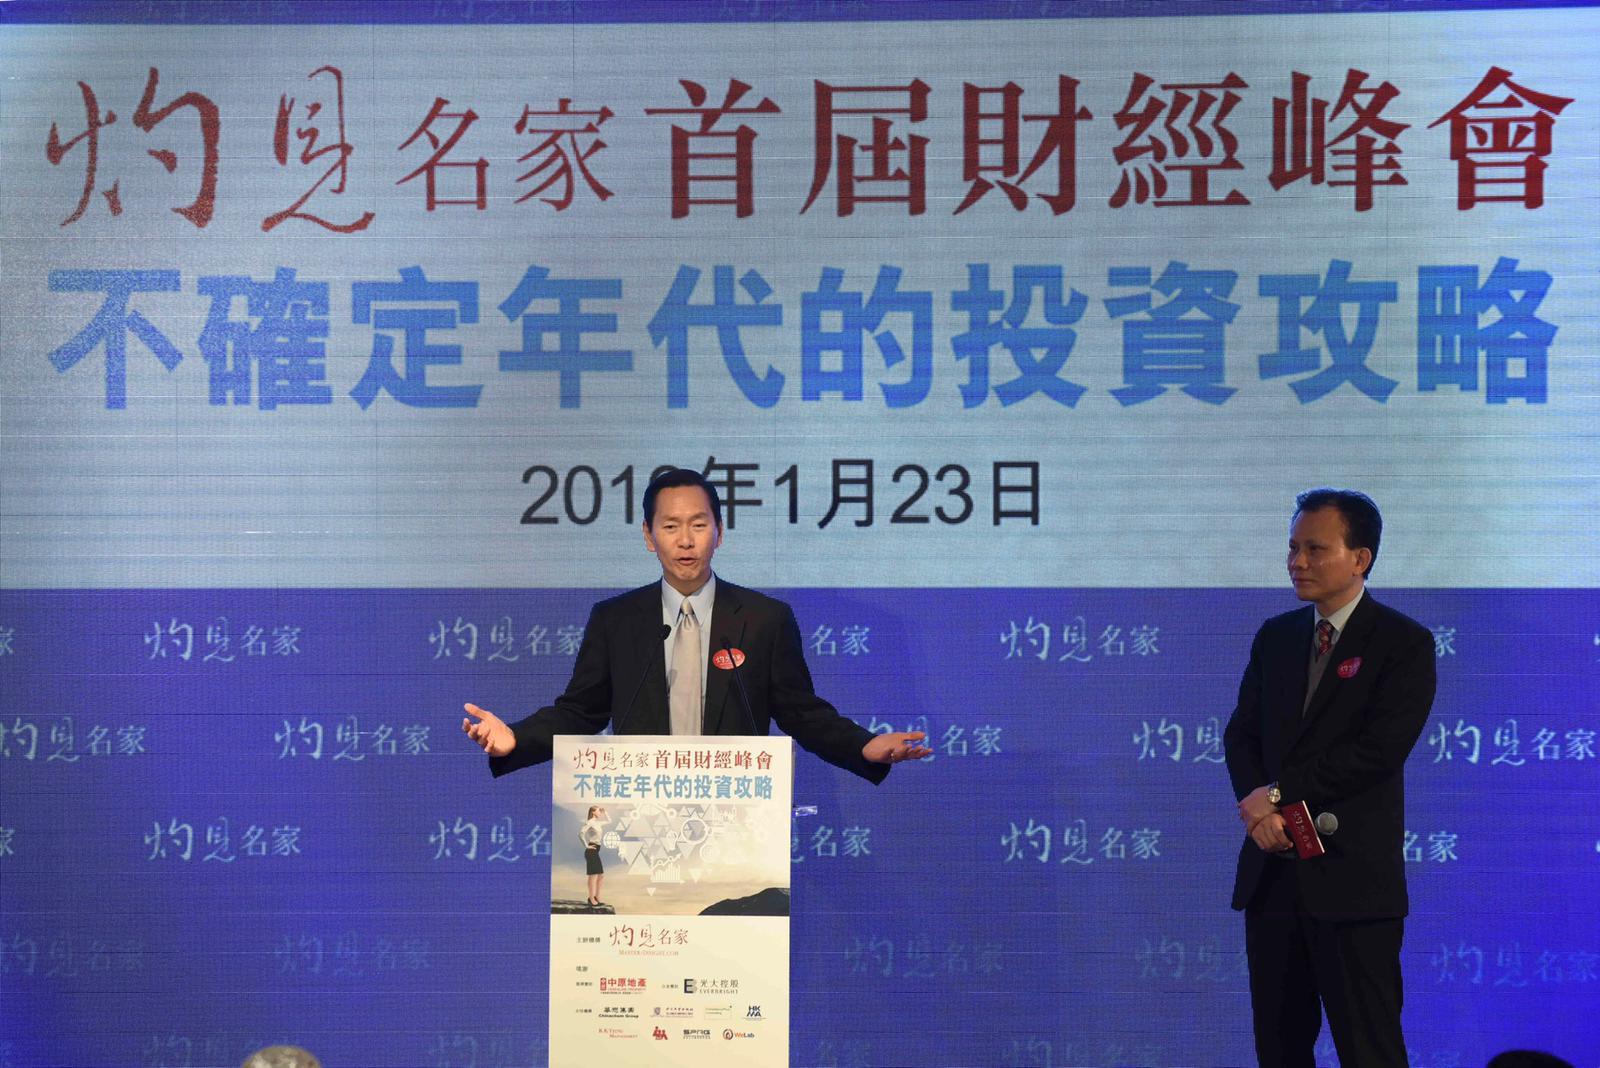 陳智思認為,本港作為國際金融及貿易中心,不應只面向一個市場。